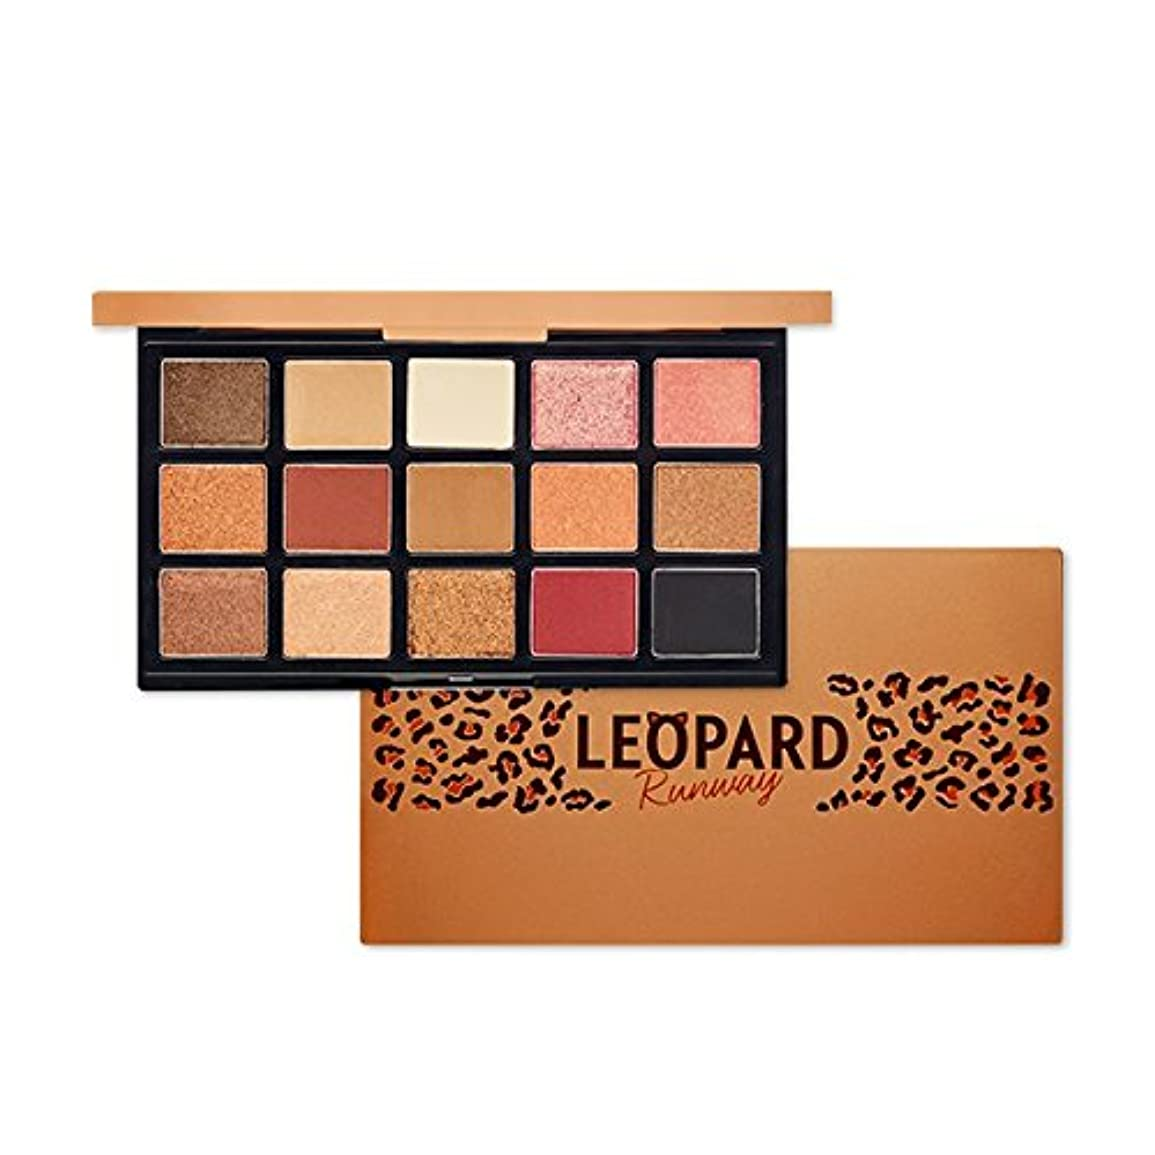 クレデンシャルまで不条理ETUDE HOUSE Play Color Eye Palette - Leopard Runway/エチュードハウスプレイカラーアイパレット - レオパードランウェイ [並行輸入品]